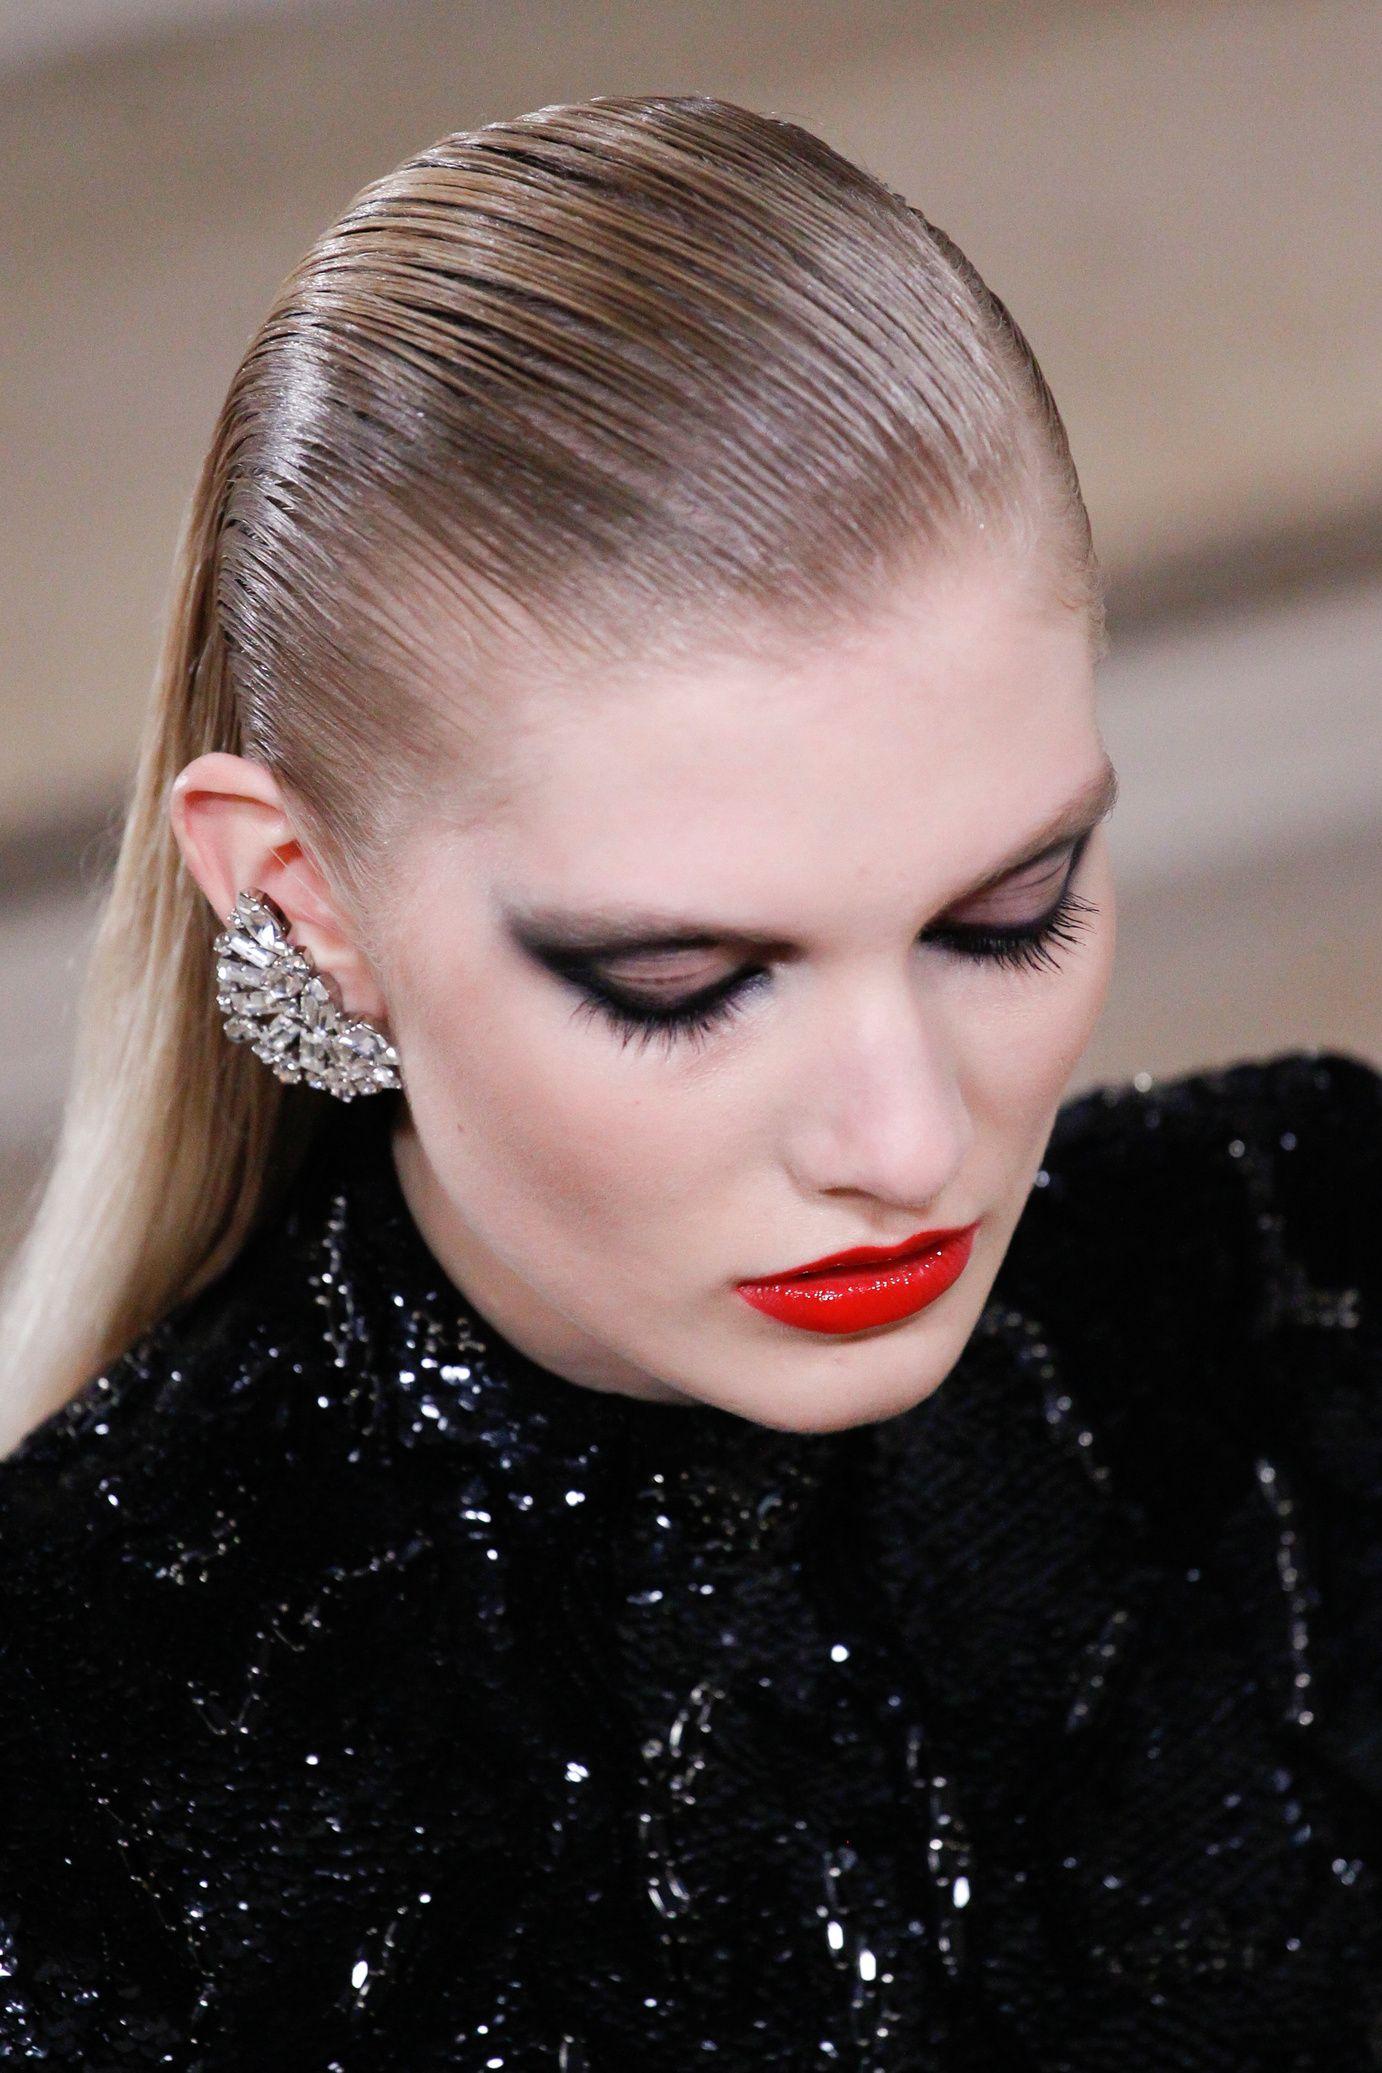 Defiles Vogue Paris Cheveux Humide Coiffure Hiver 2016